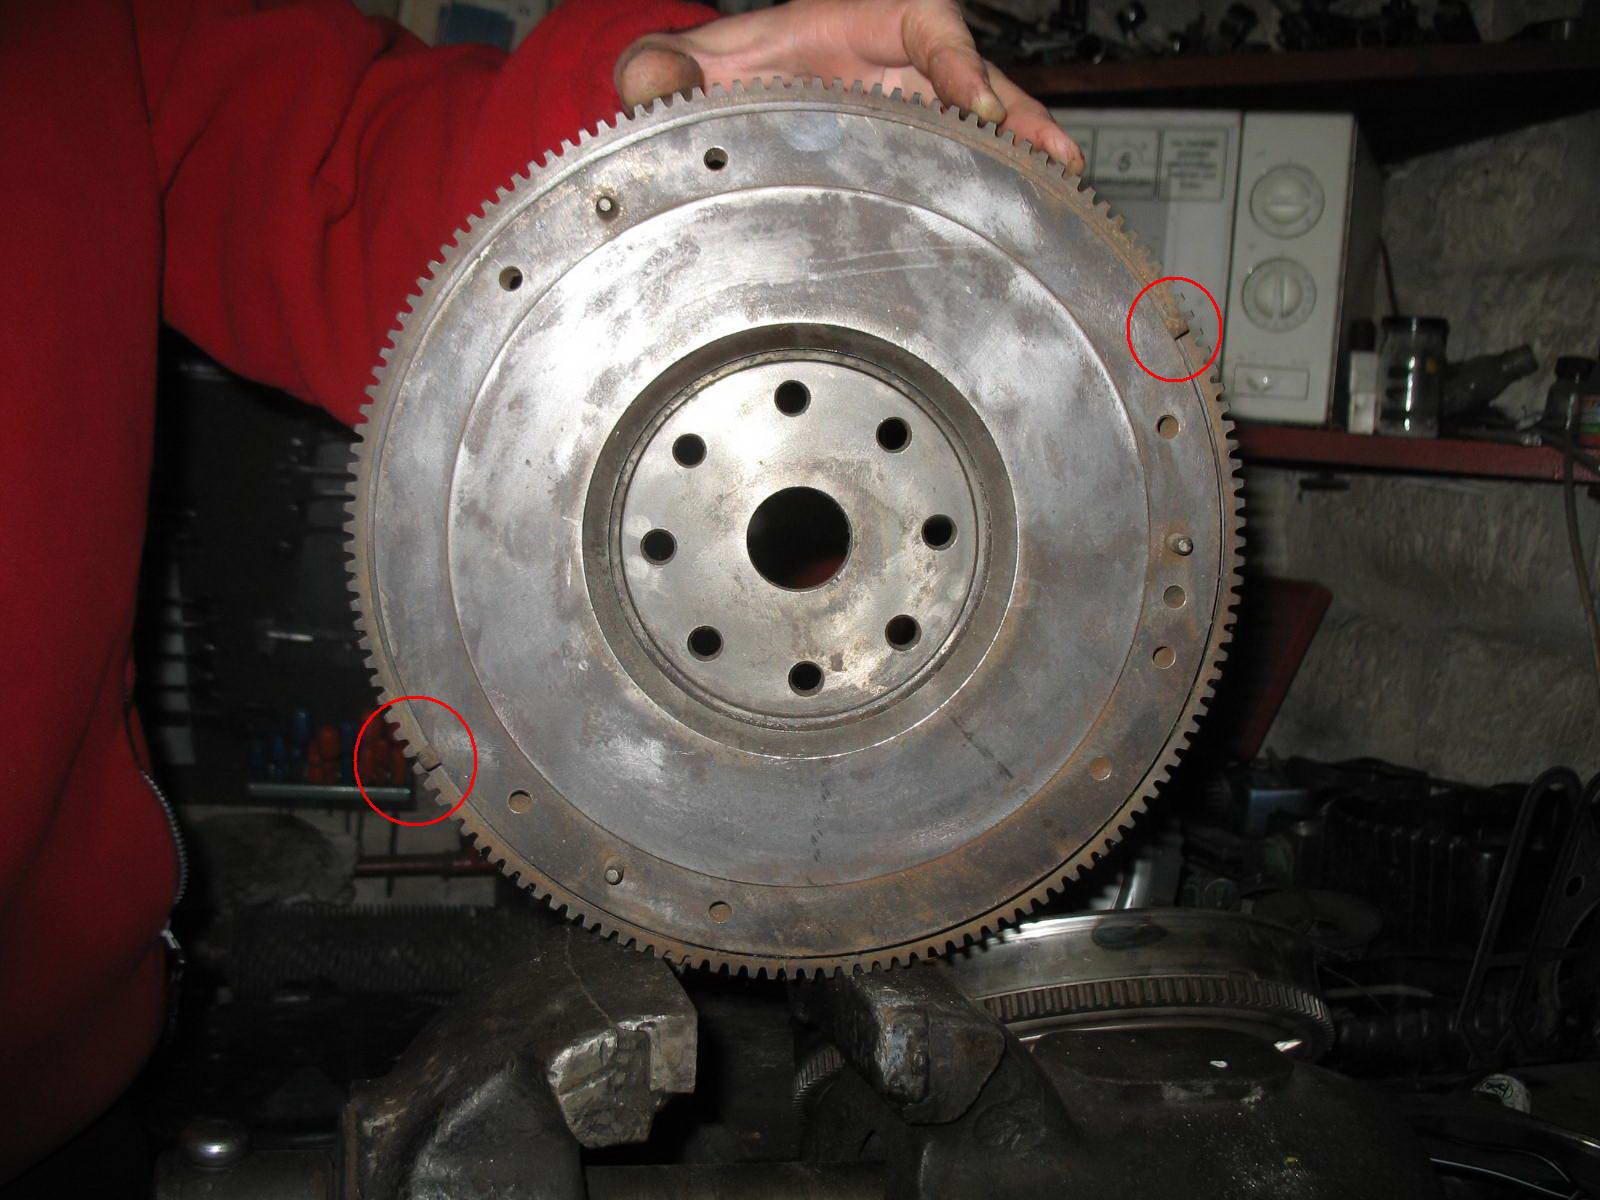 Ferrari_triggerwheel.jpg